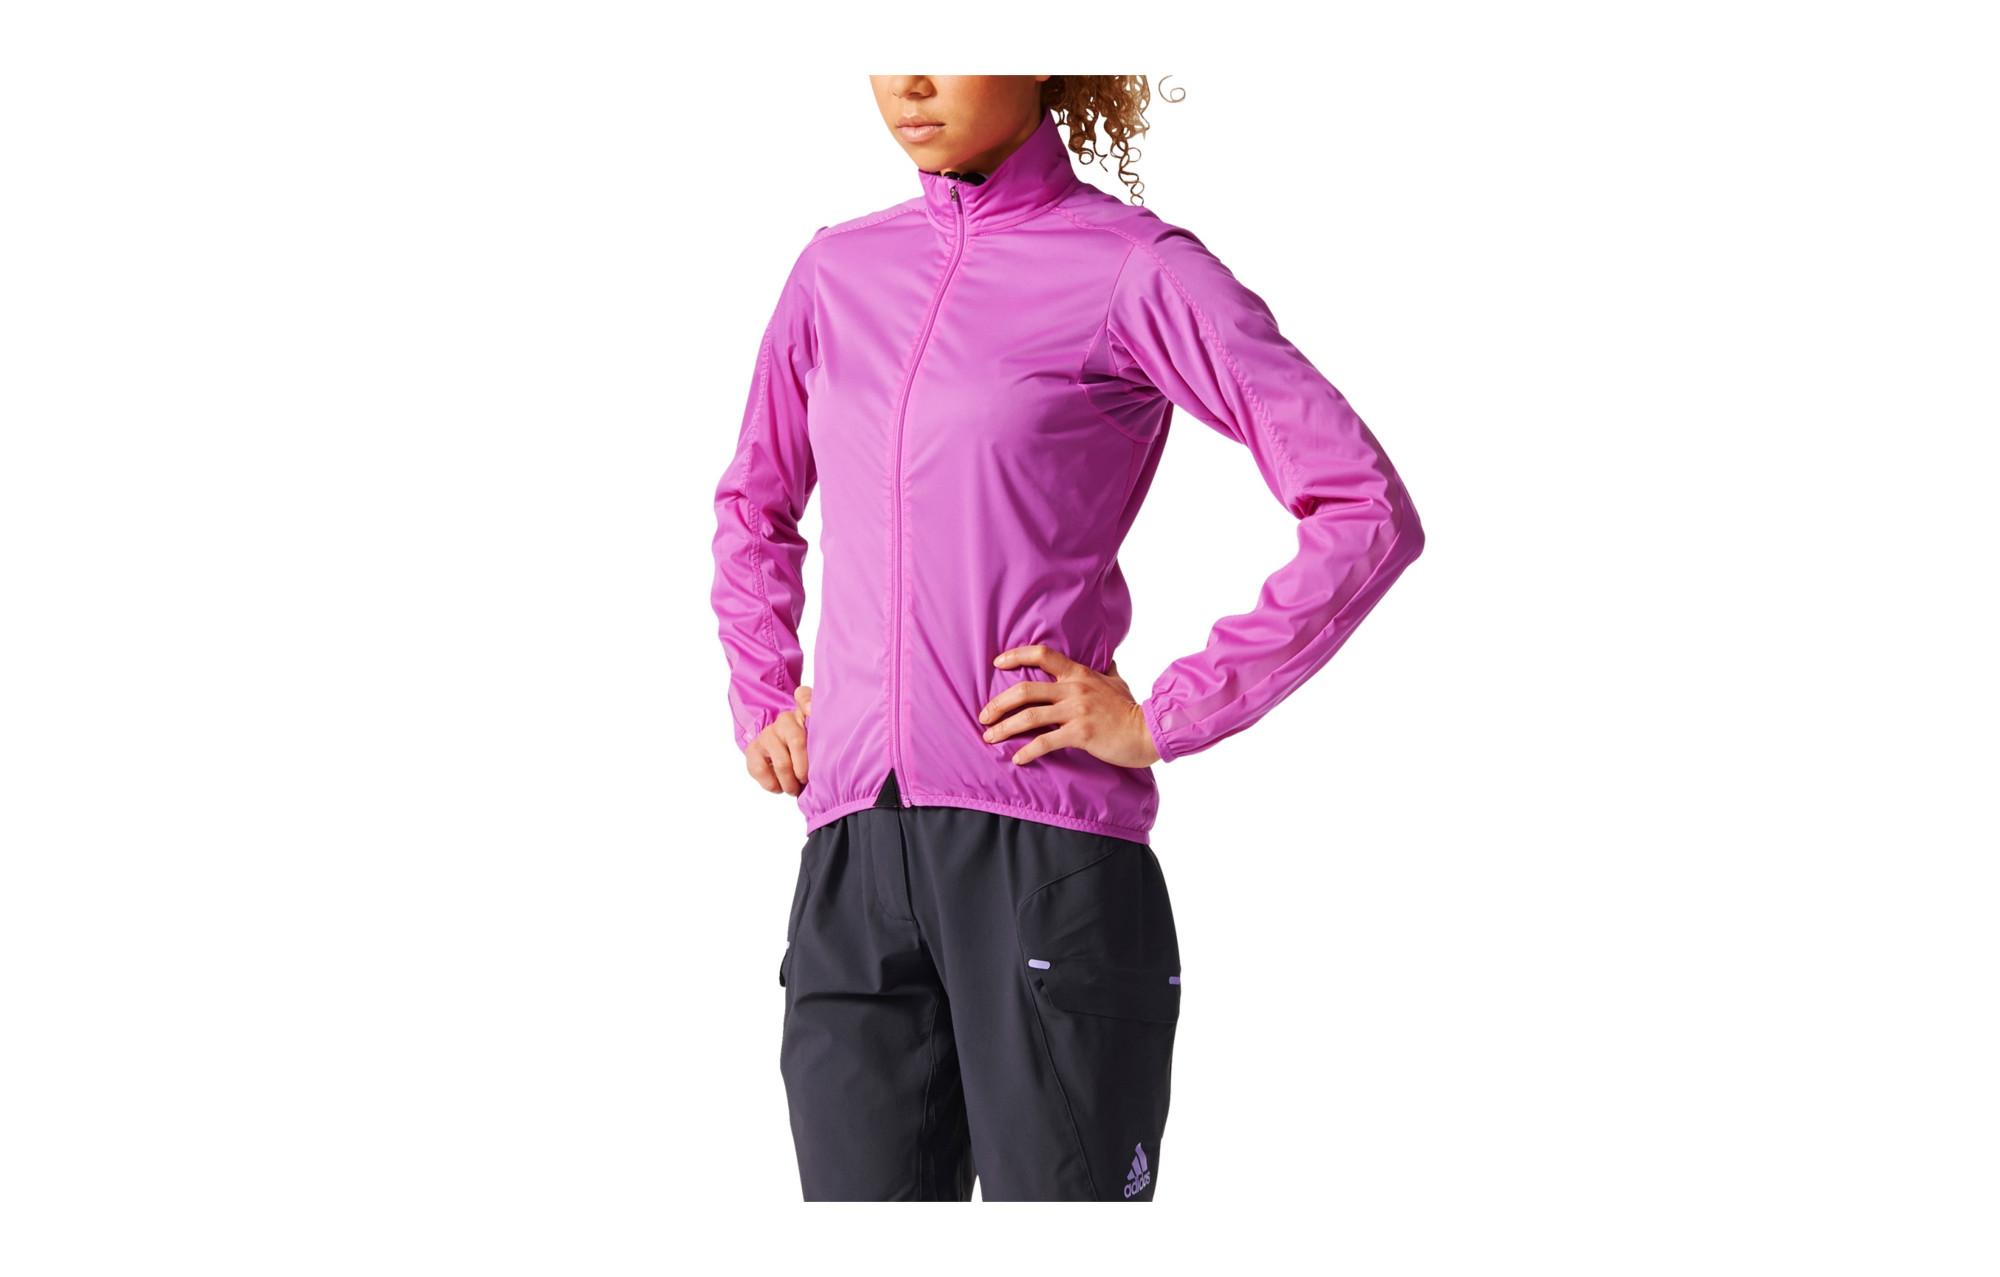 Veste coupe vent d perlant femme adidas cycling infinity rose - Veste coupe vent adidas femme ...